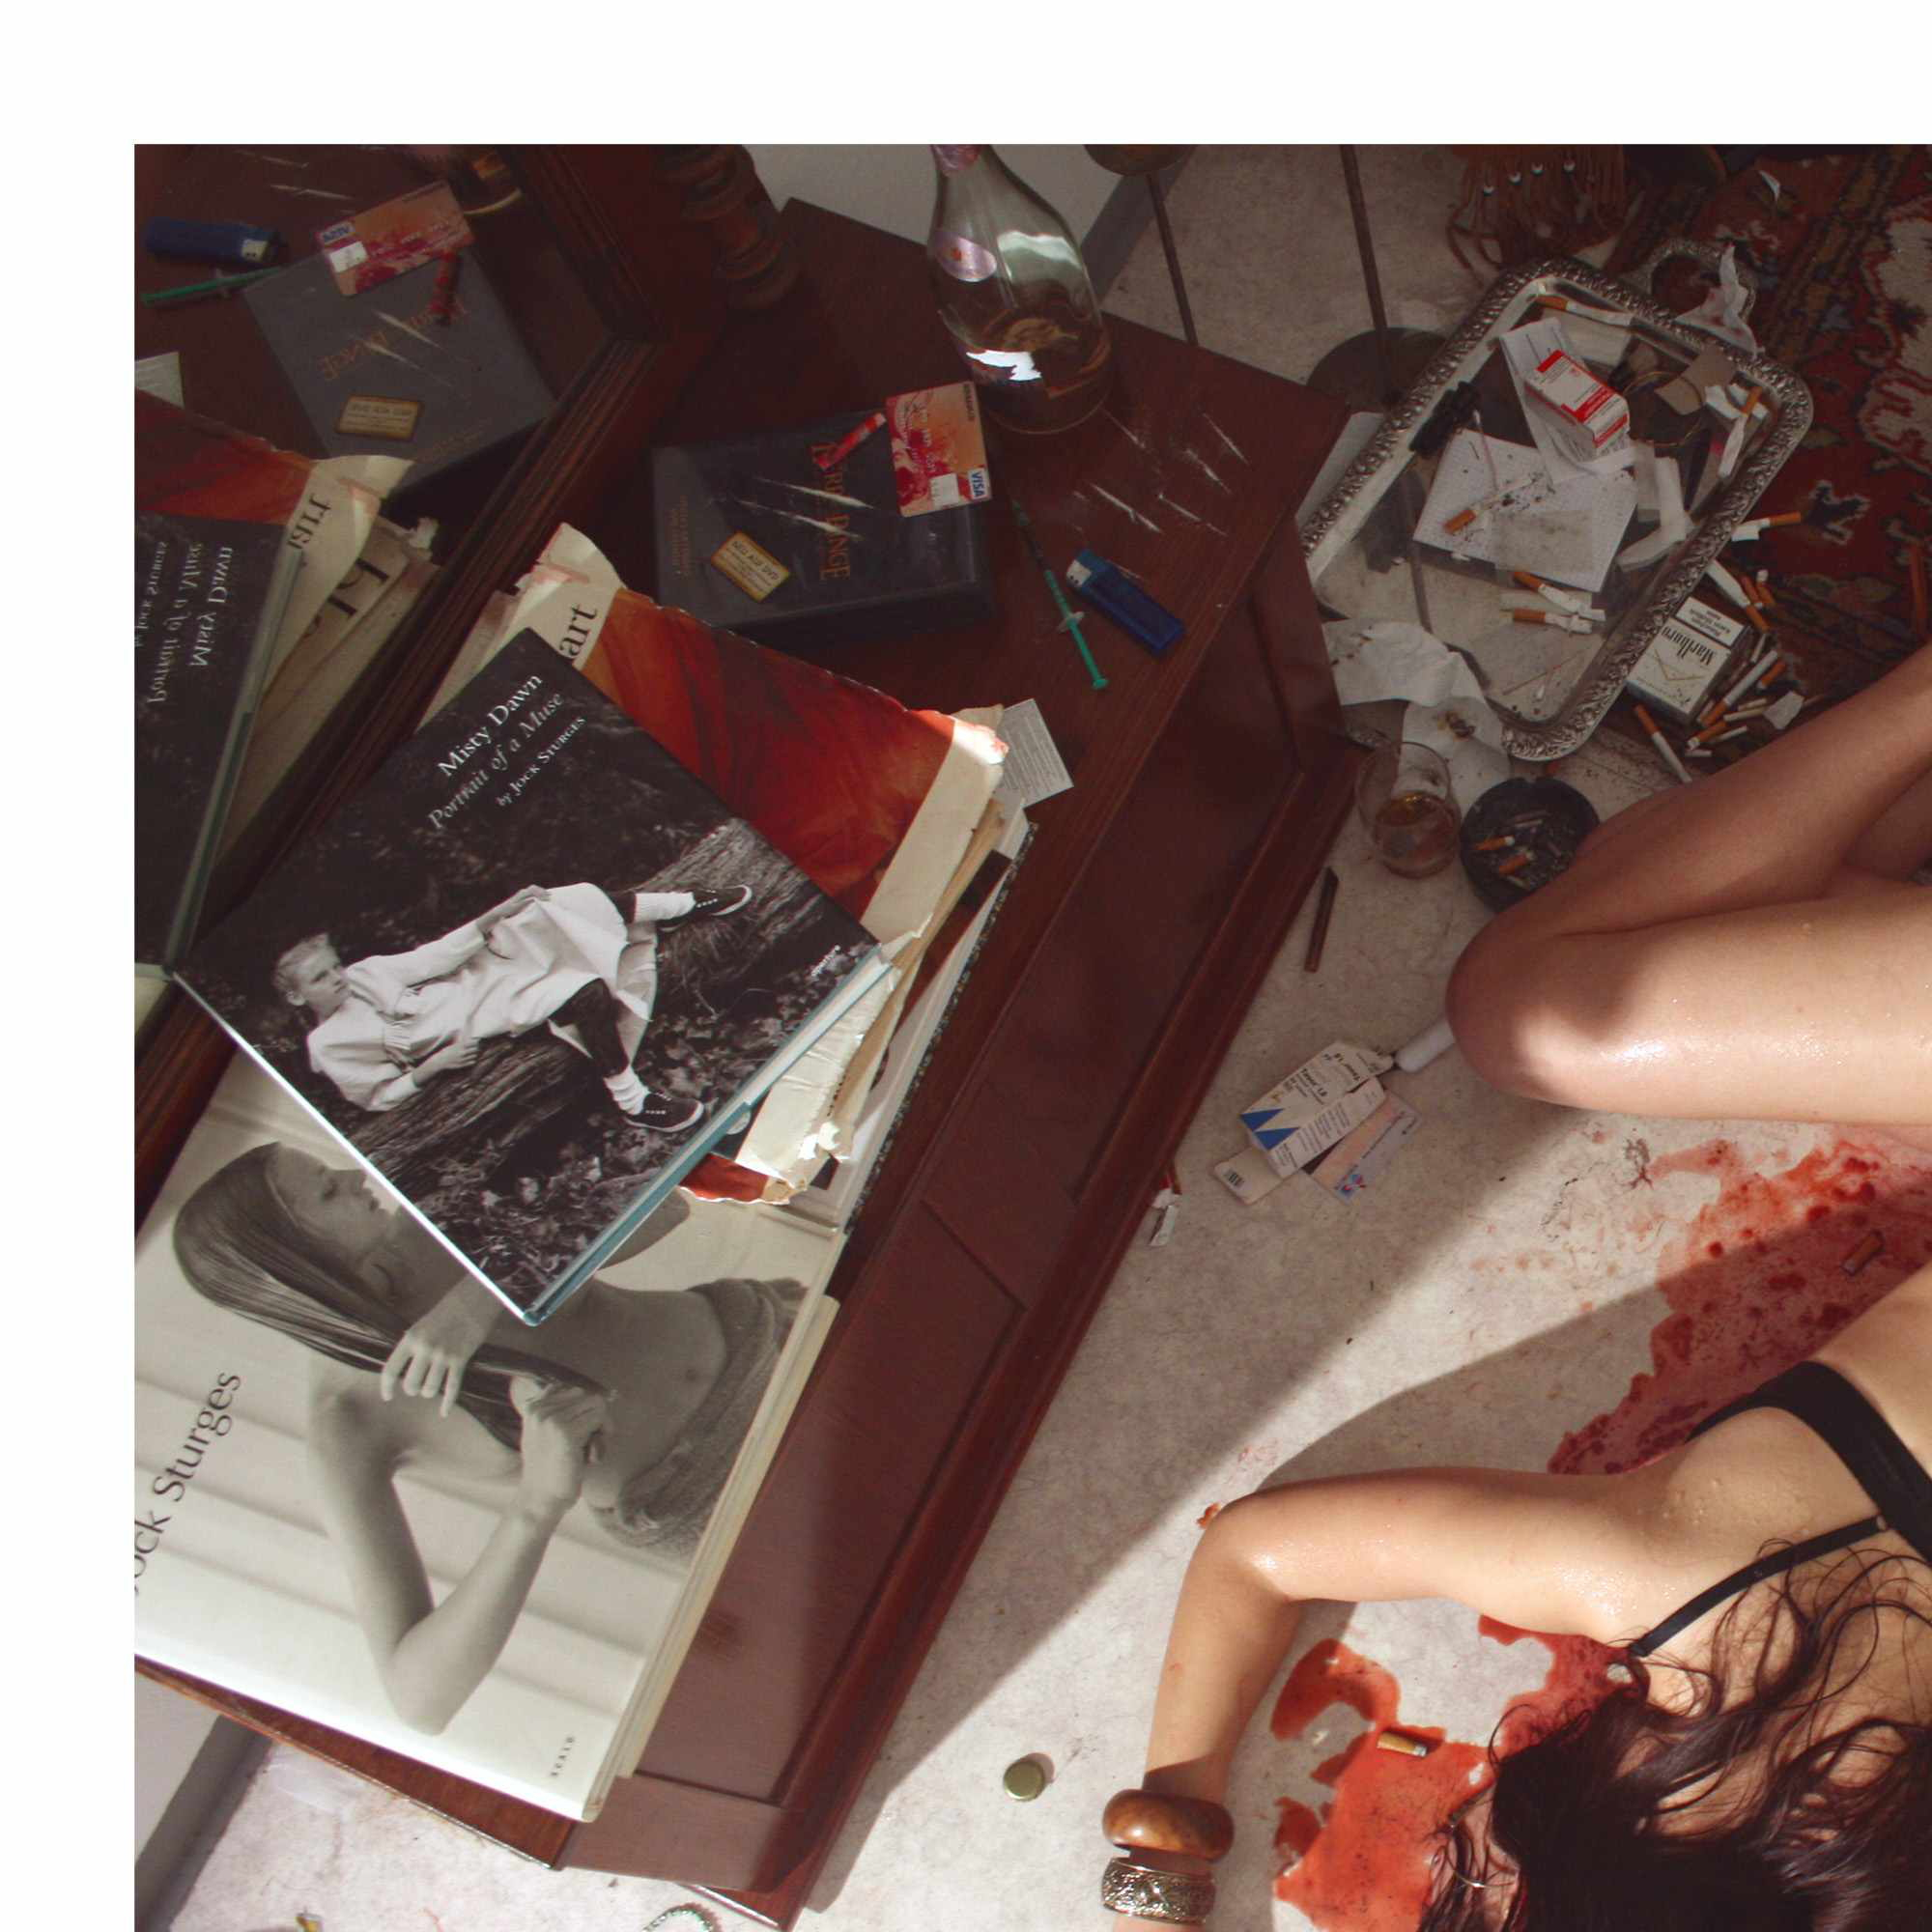 【閲覧注意】薬物中毒の女の写真やばくね?wwwwwww・16枚目